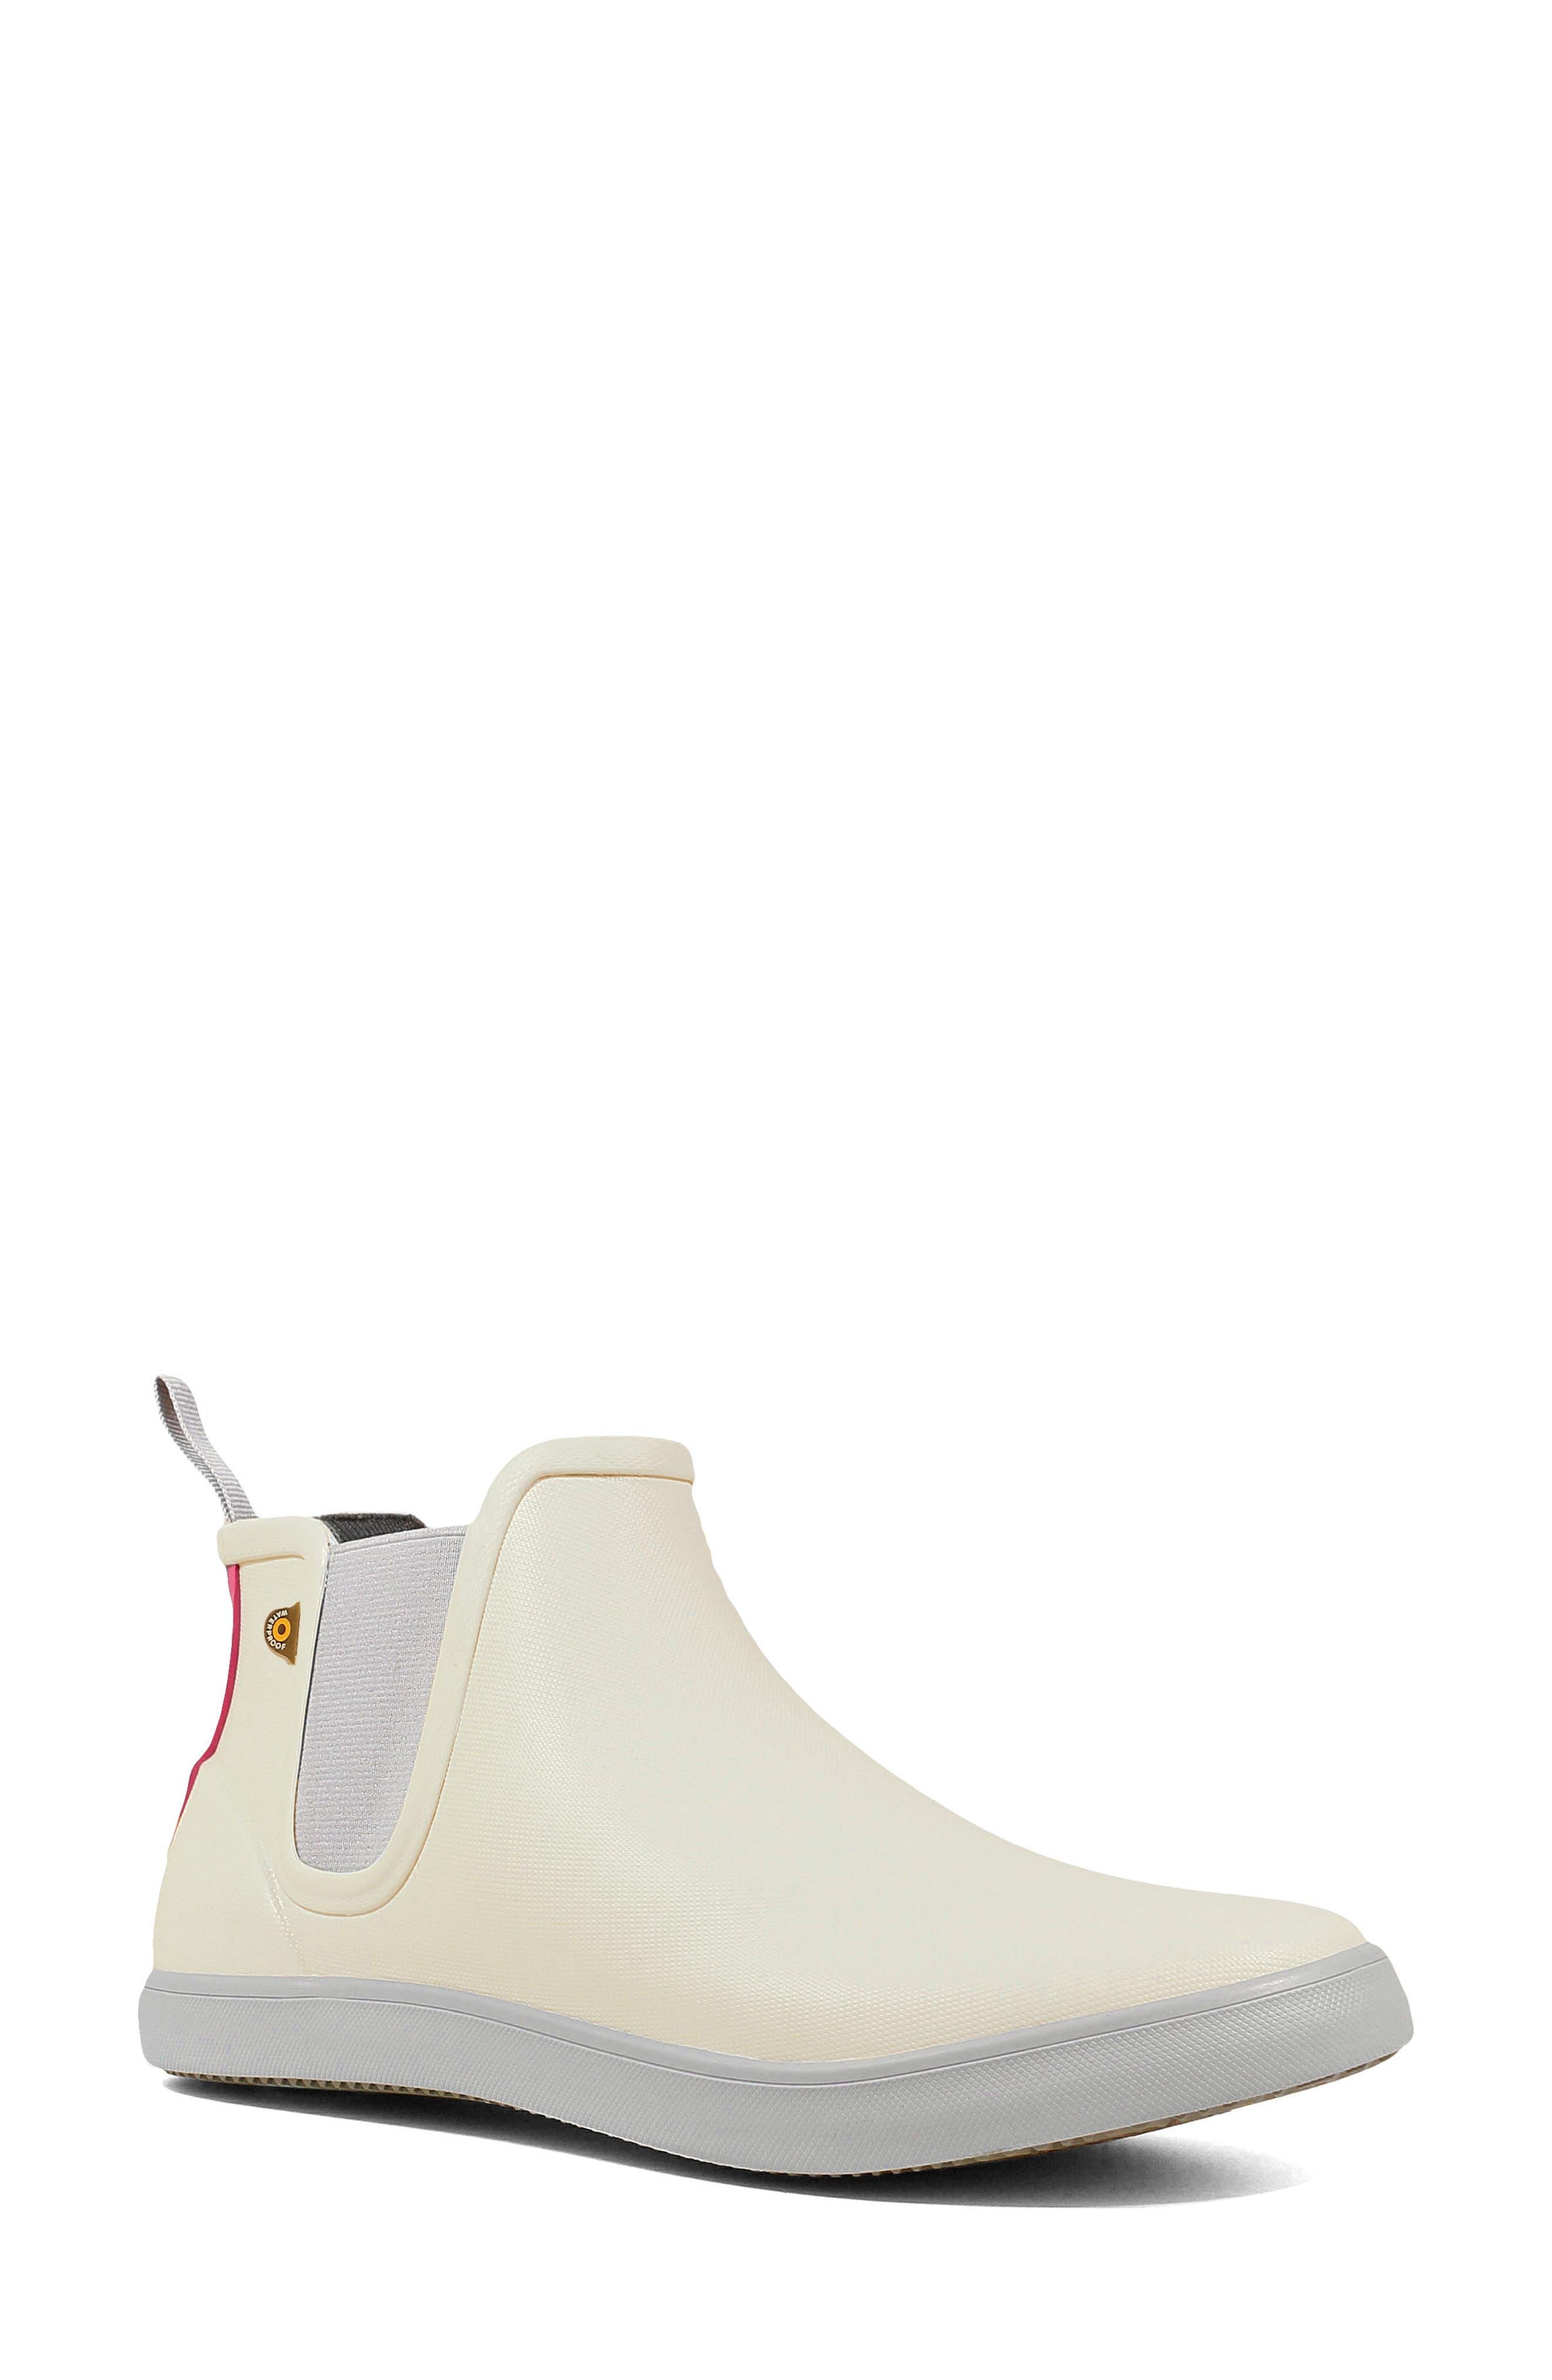 Kicker Chelsea Waterproof Rain Boot